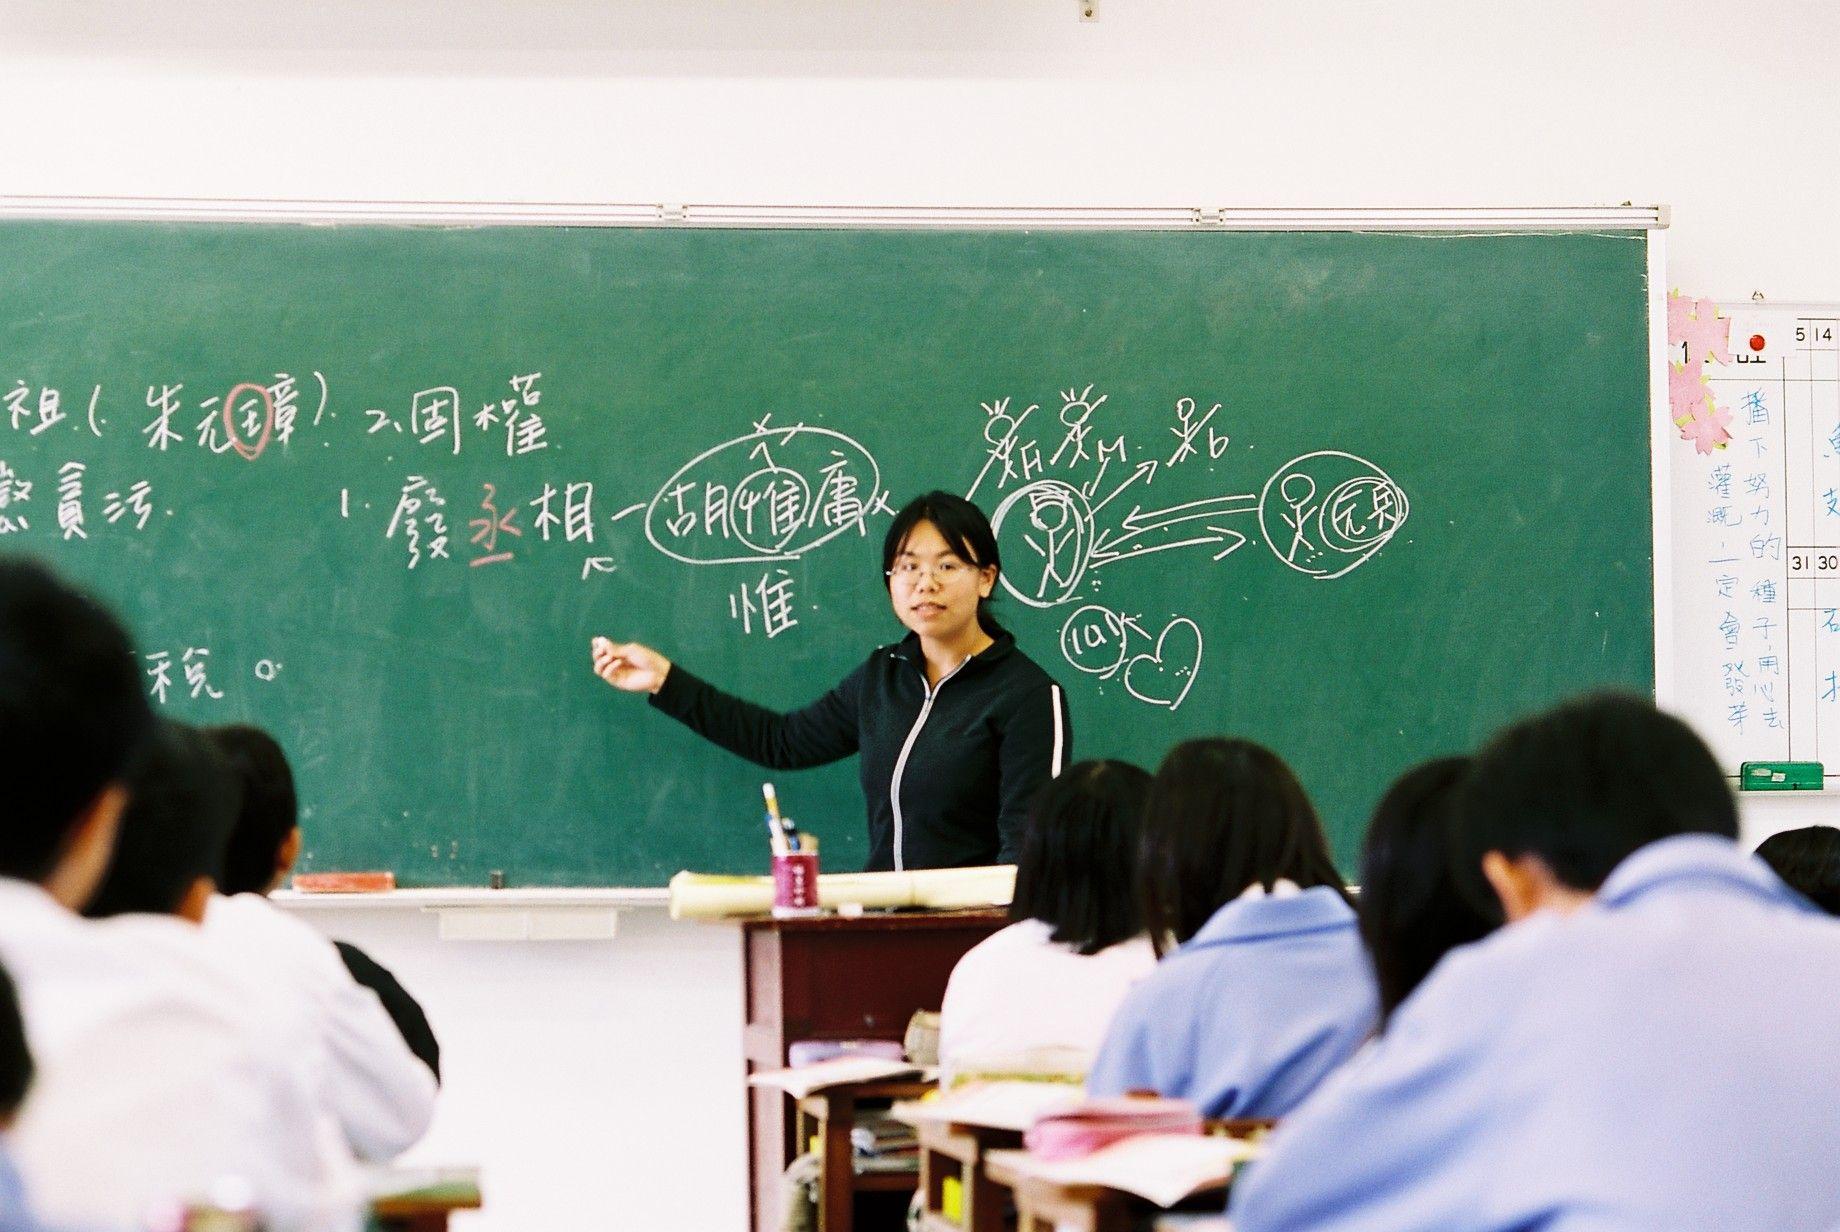 【林凱衡專欄】對教育改革的定位再反省